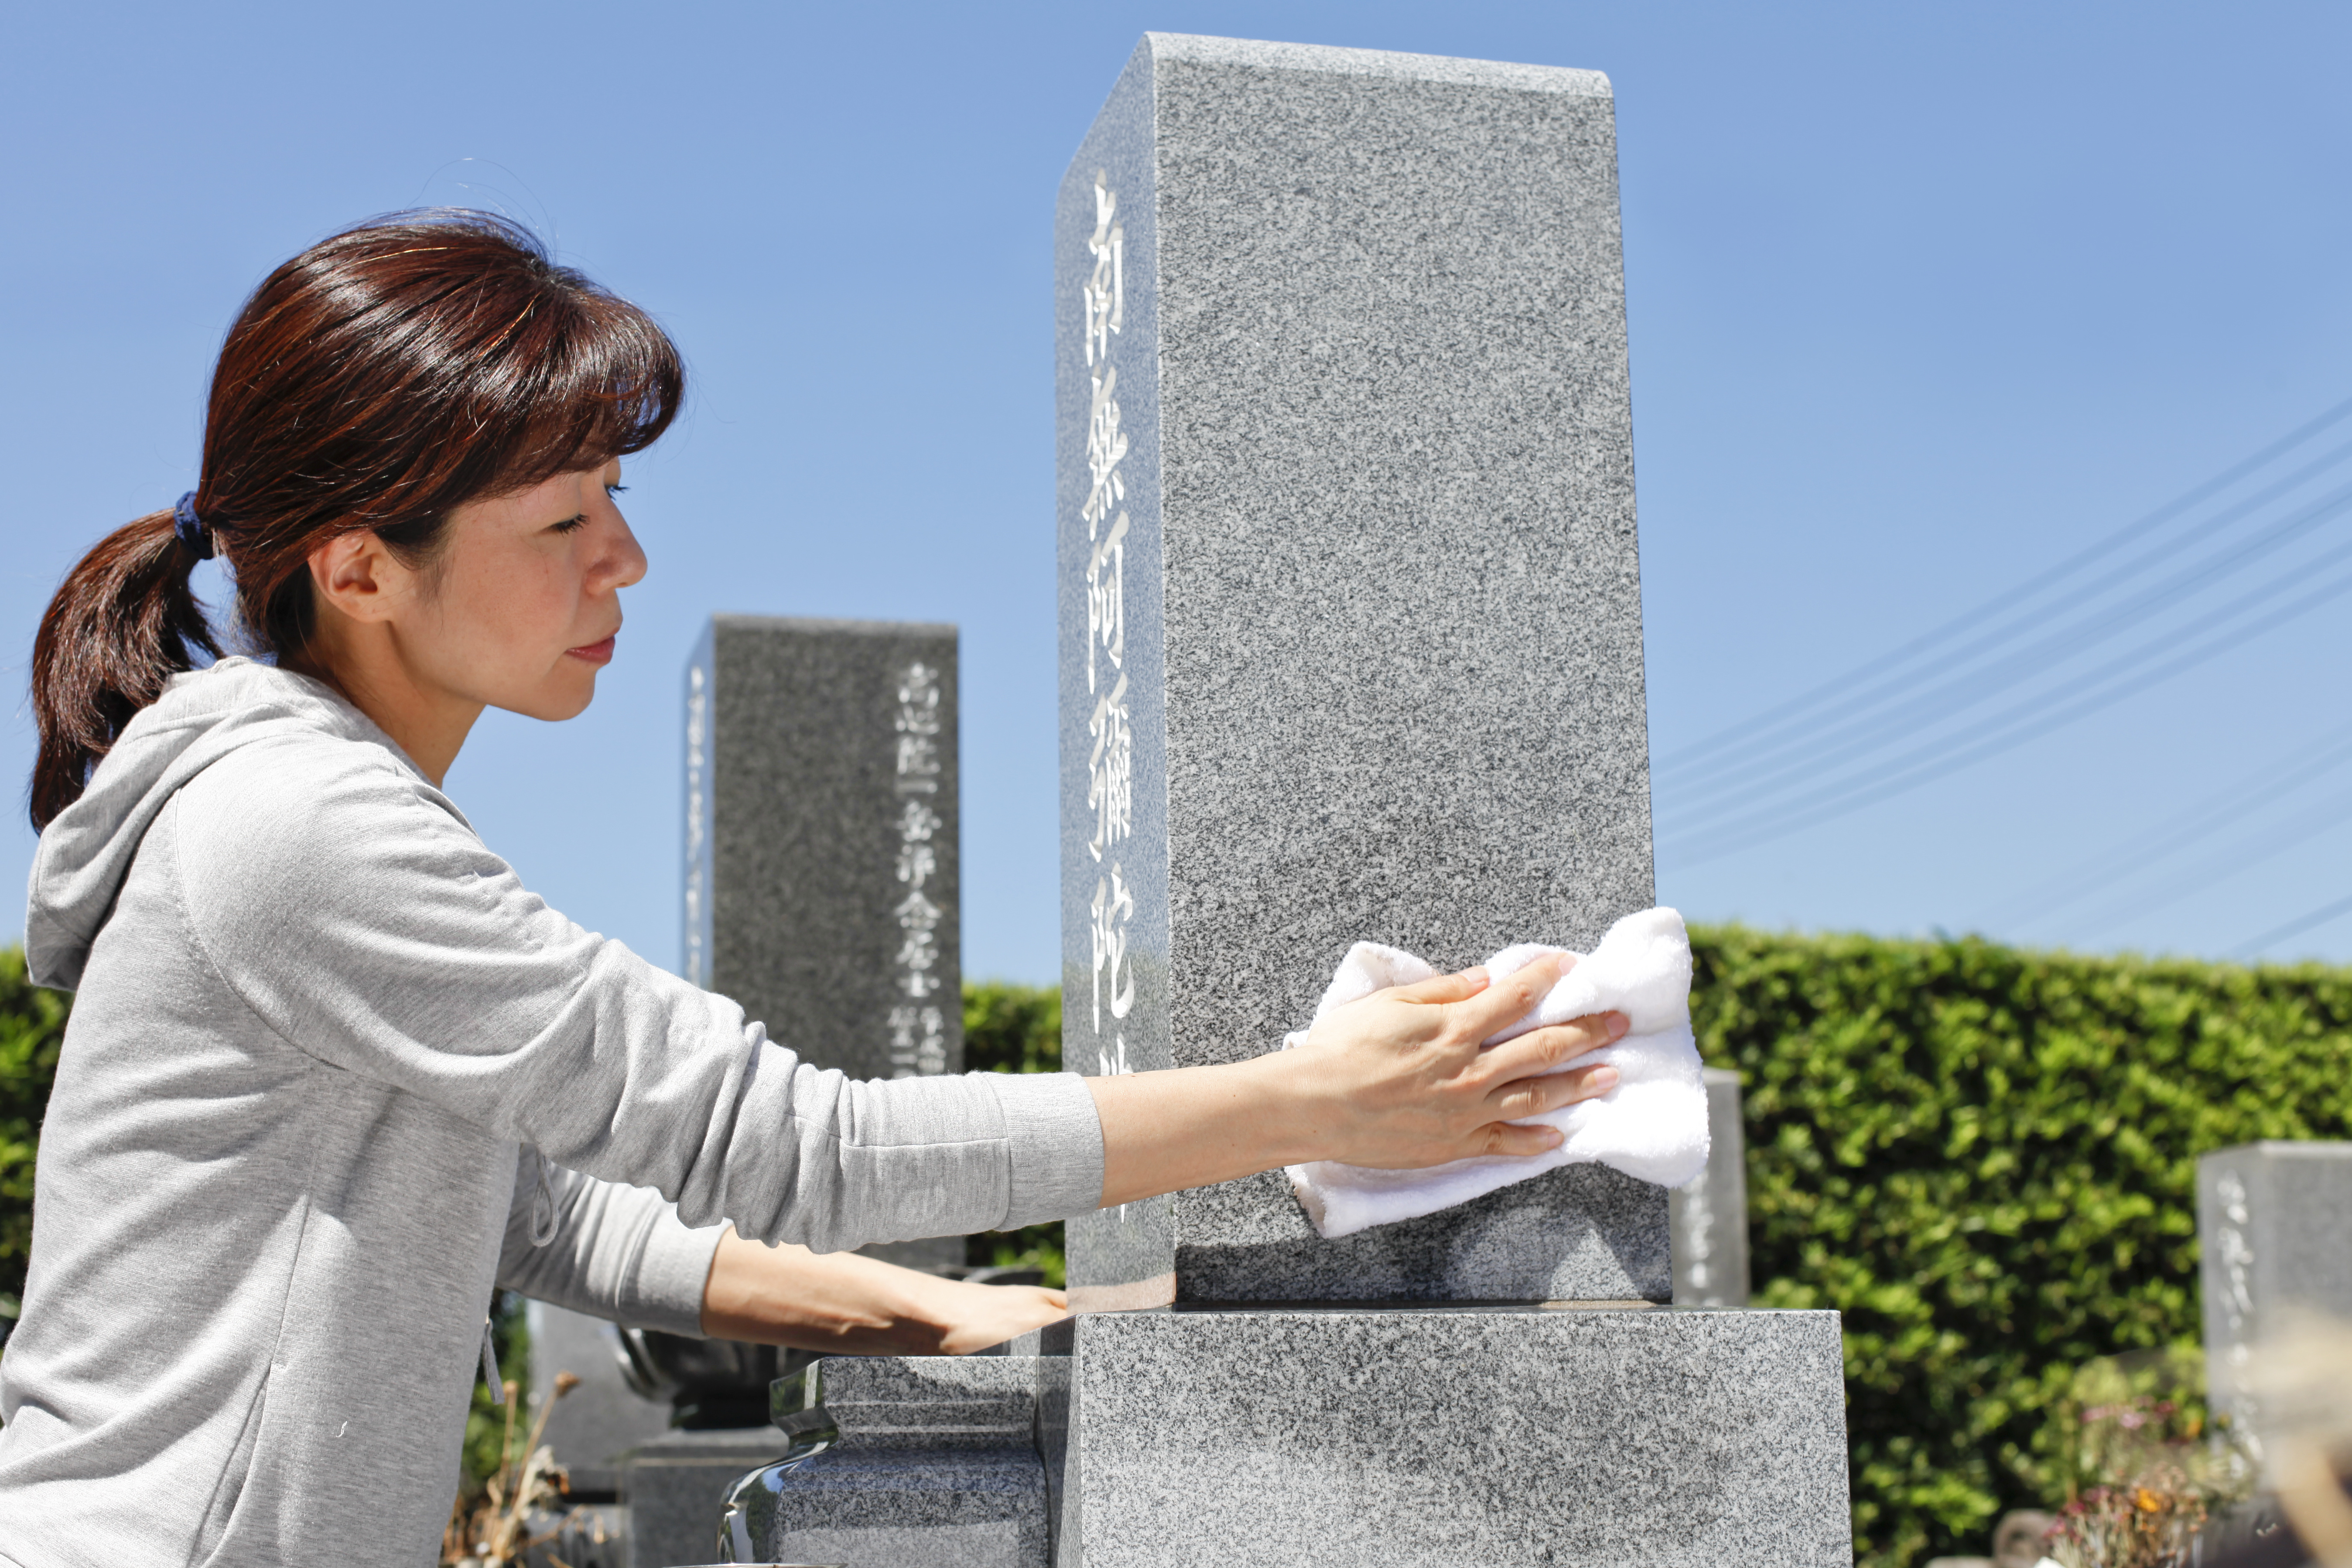 墓掃除の正しいマナー|頻度や時期・やってはいけないことをご紹介のサムネイル画像